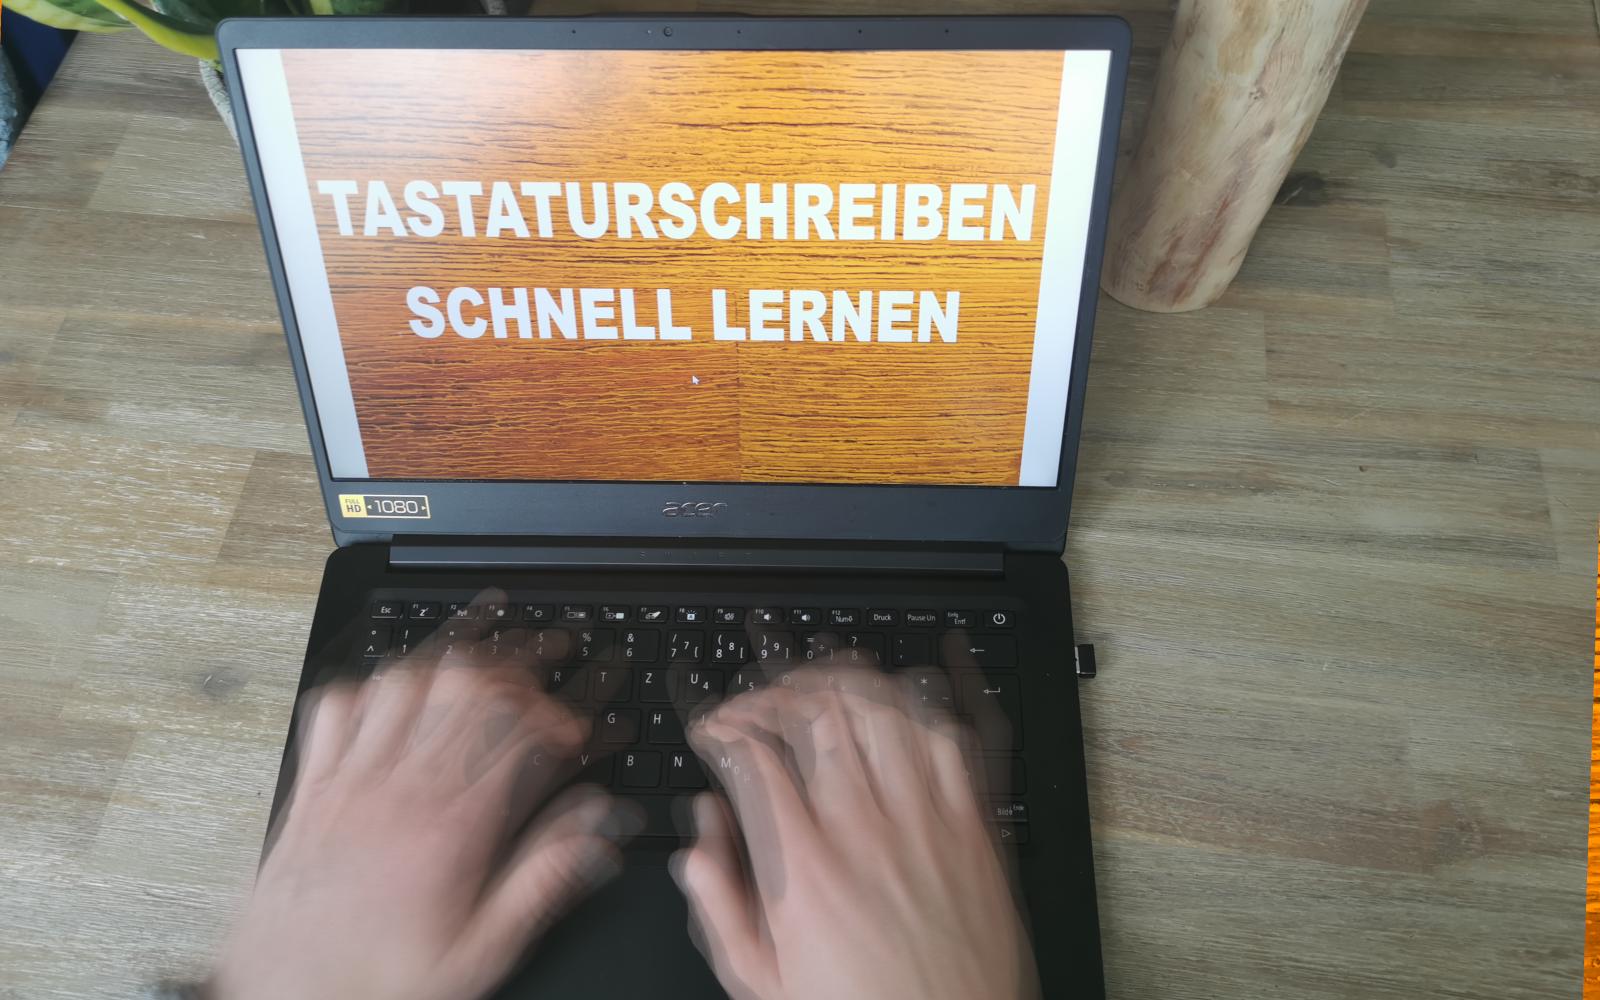 Tastaturschreiben lernen